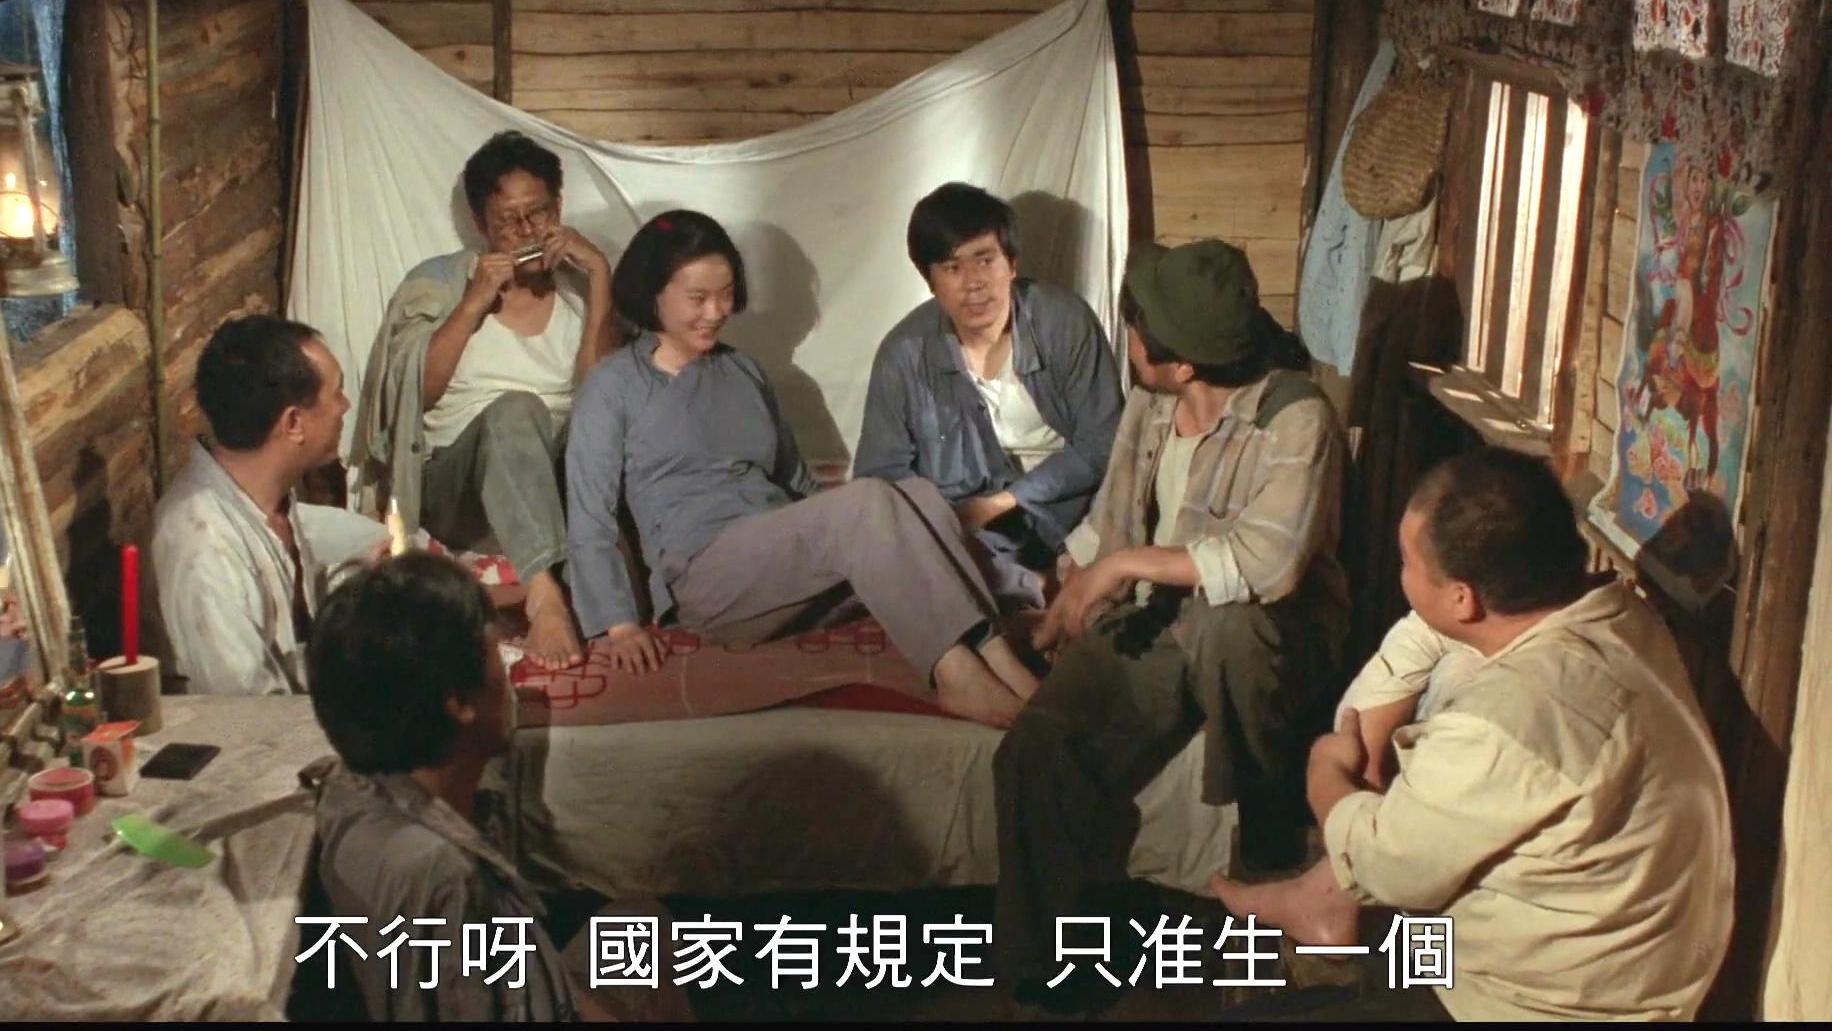 为让儿子娶妻,农妇以每斤12元的价格,把自己卖到深山,国产电影